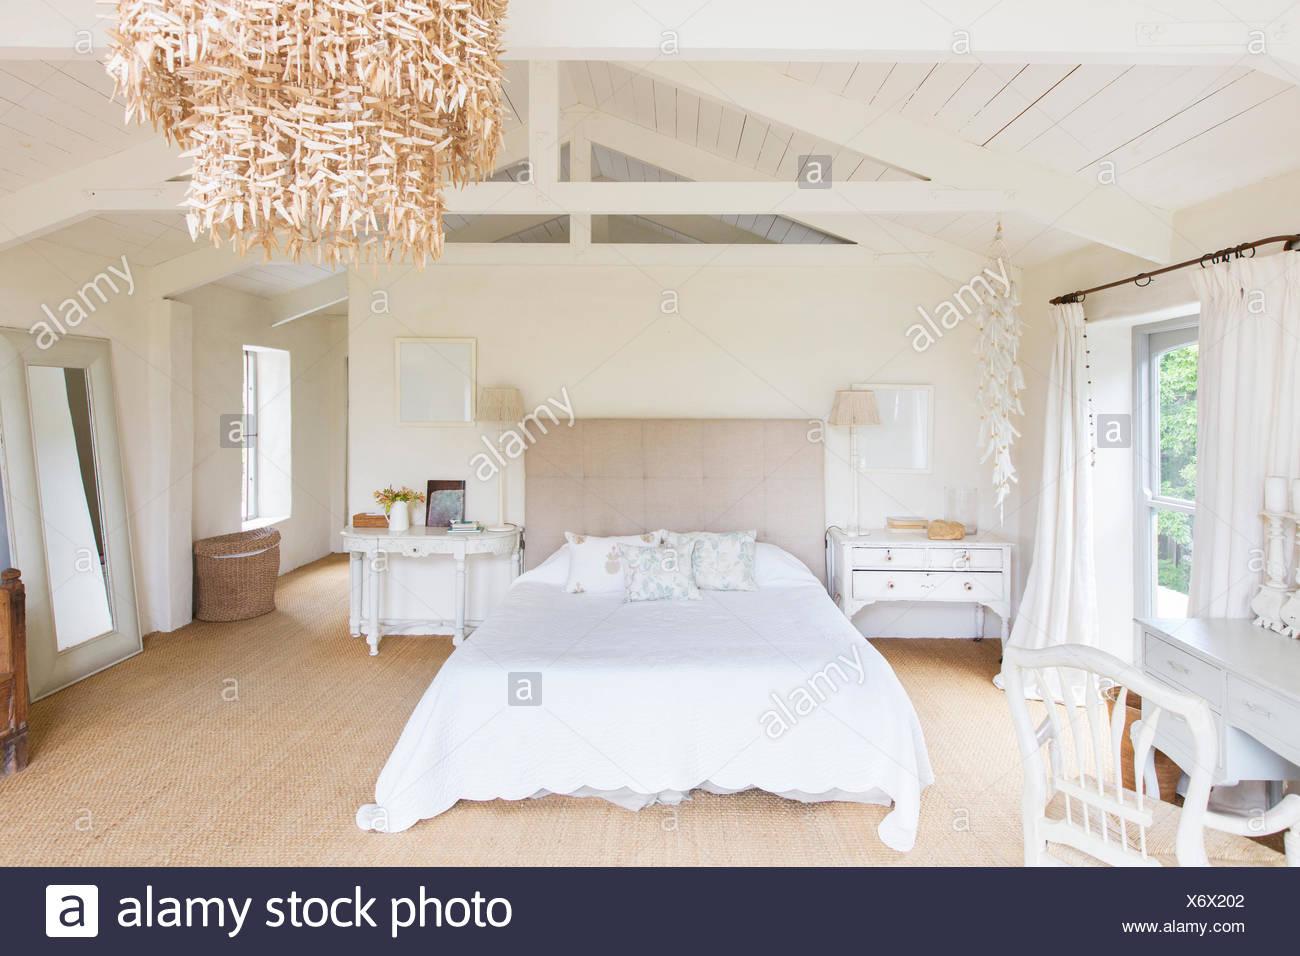 Kronleuchter und in rustikalen Schlafzimmer Stockfoto, Bild ...